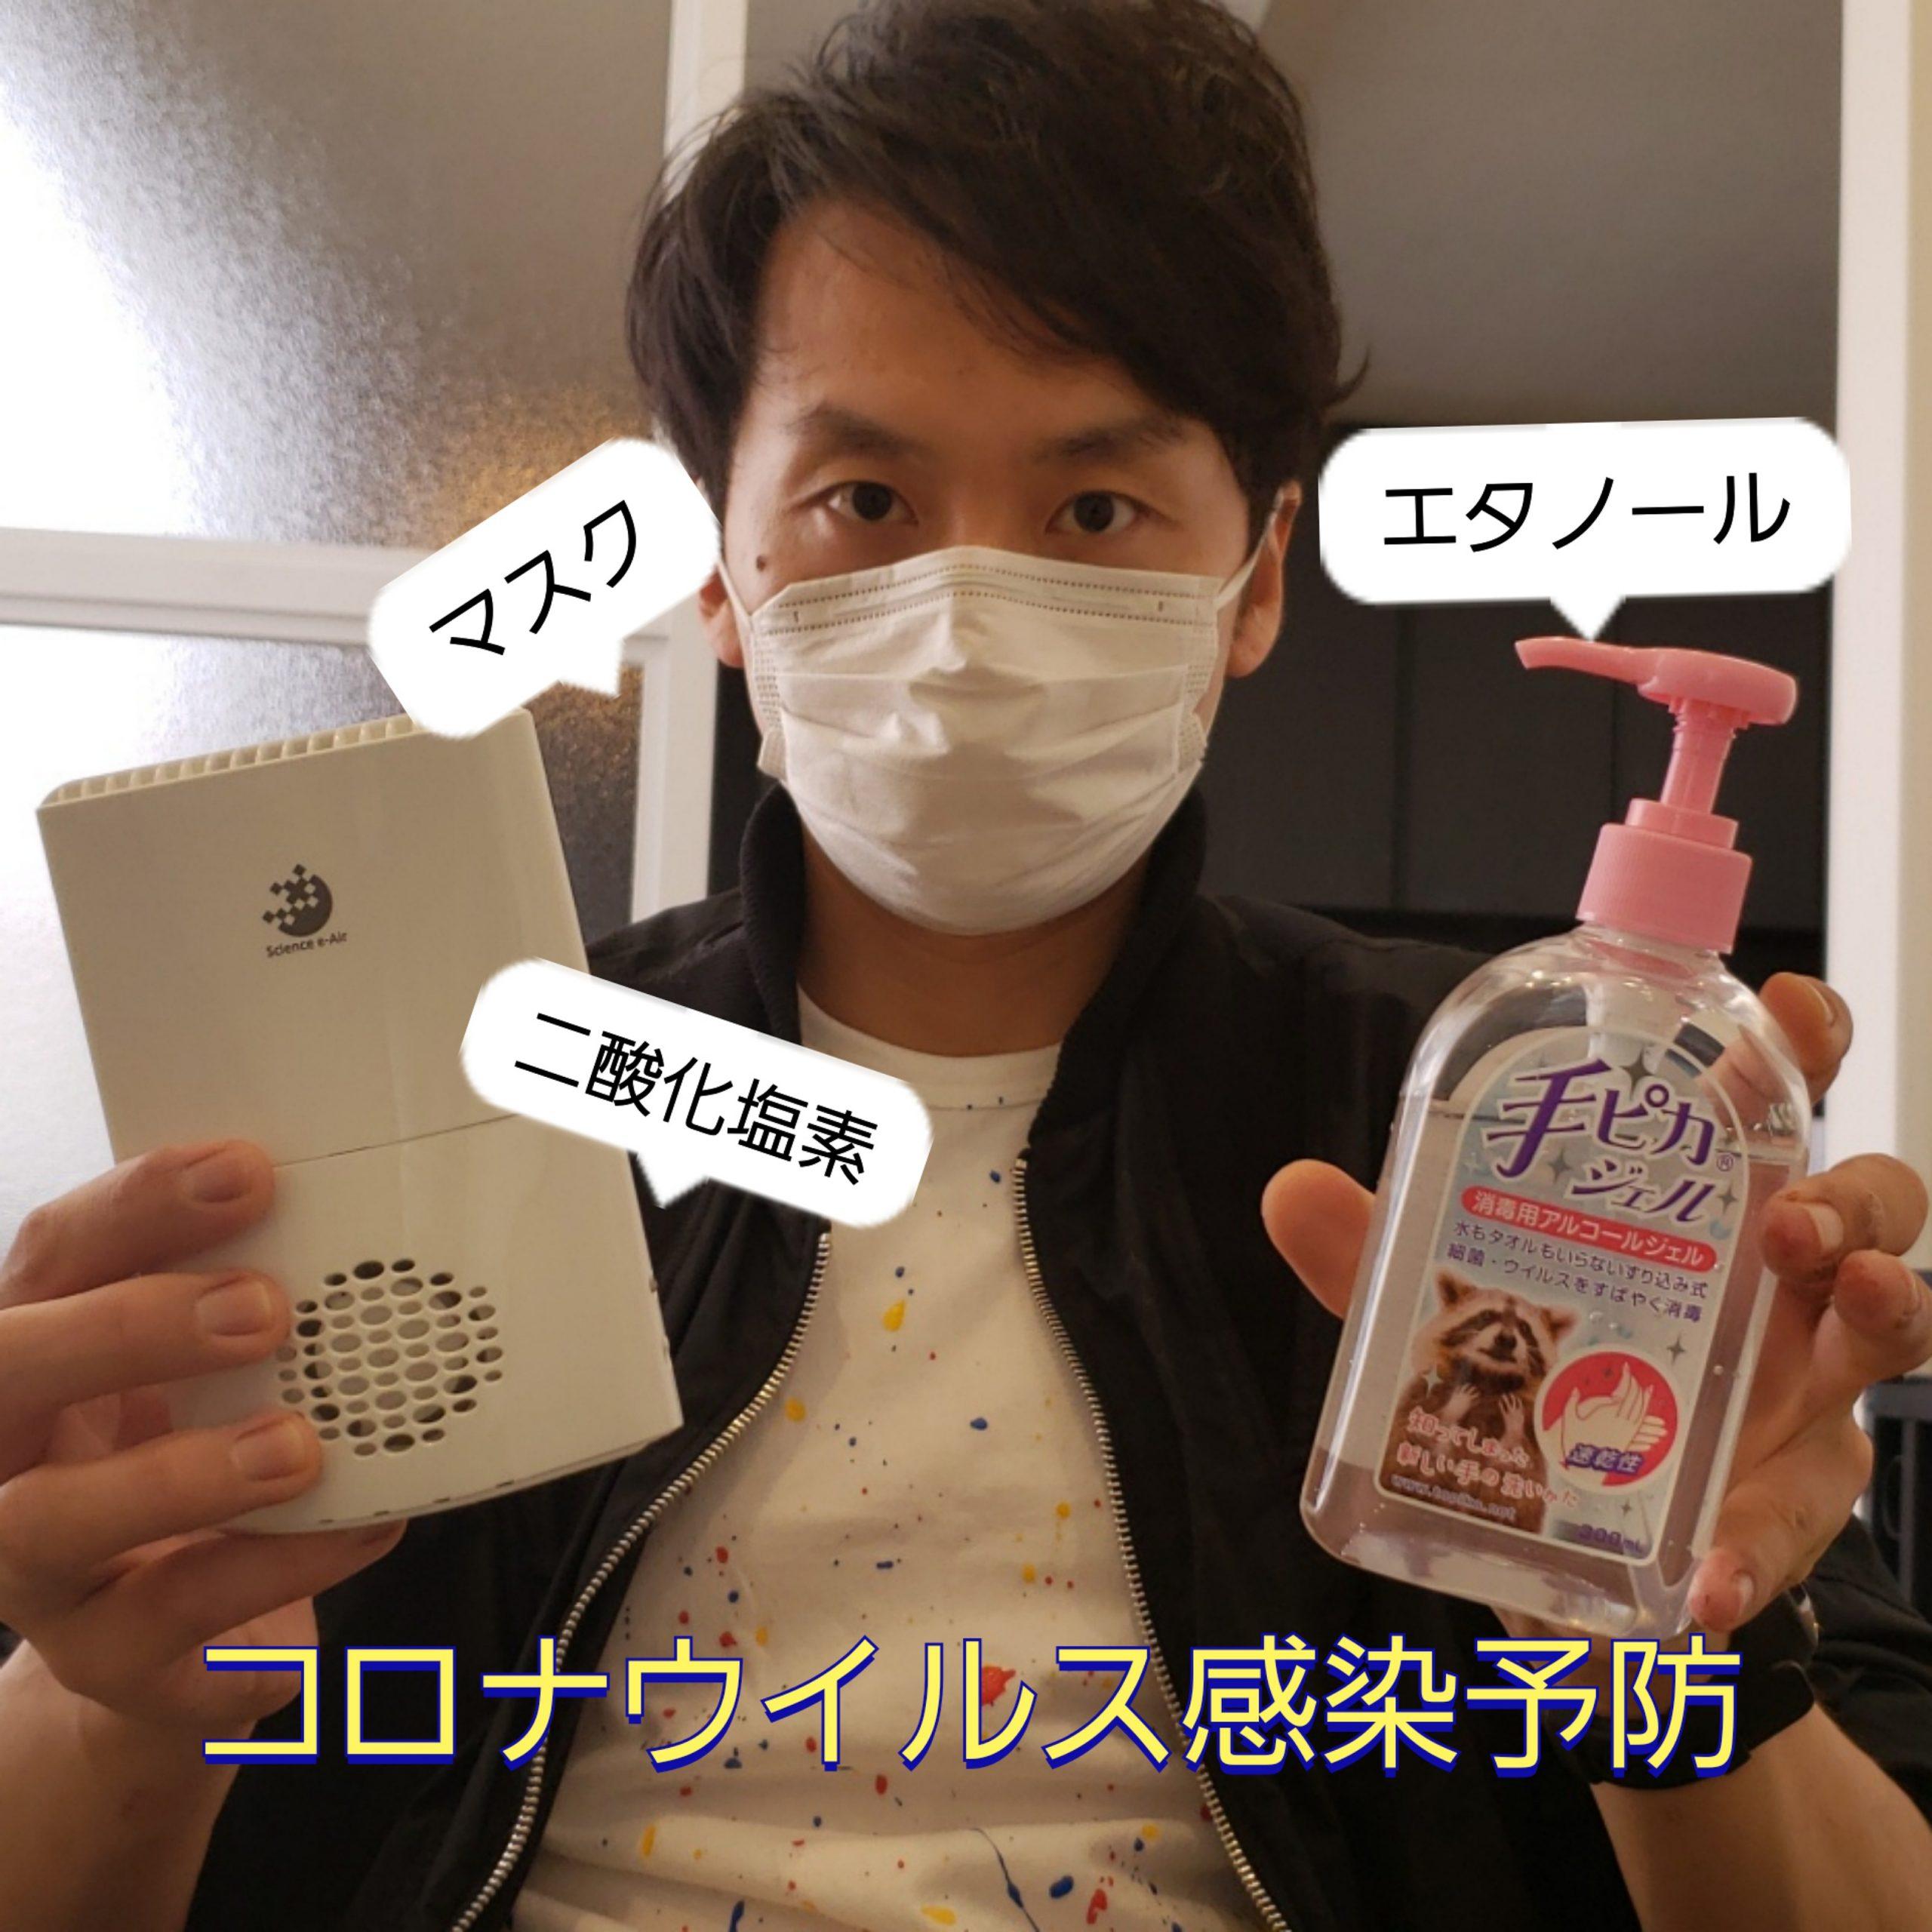 コロナウイルス感染予防対策について『Gotoday横浜店でフリーランス美容師の加藤隆史です』